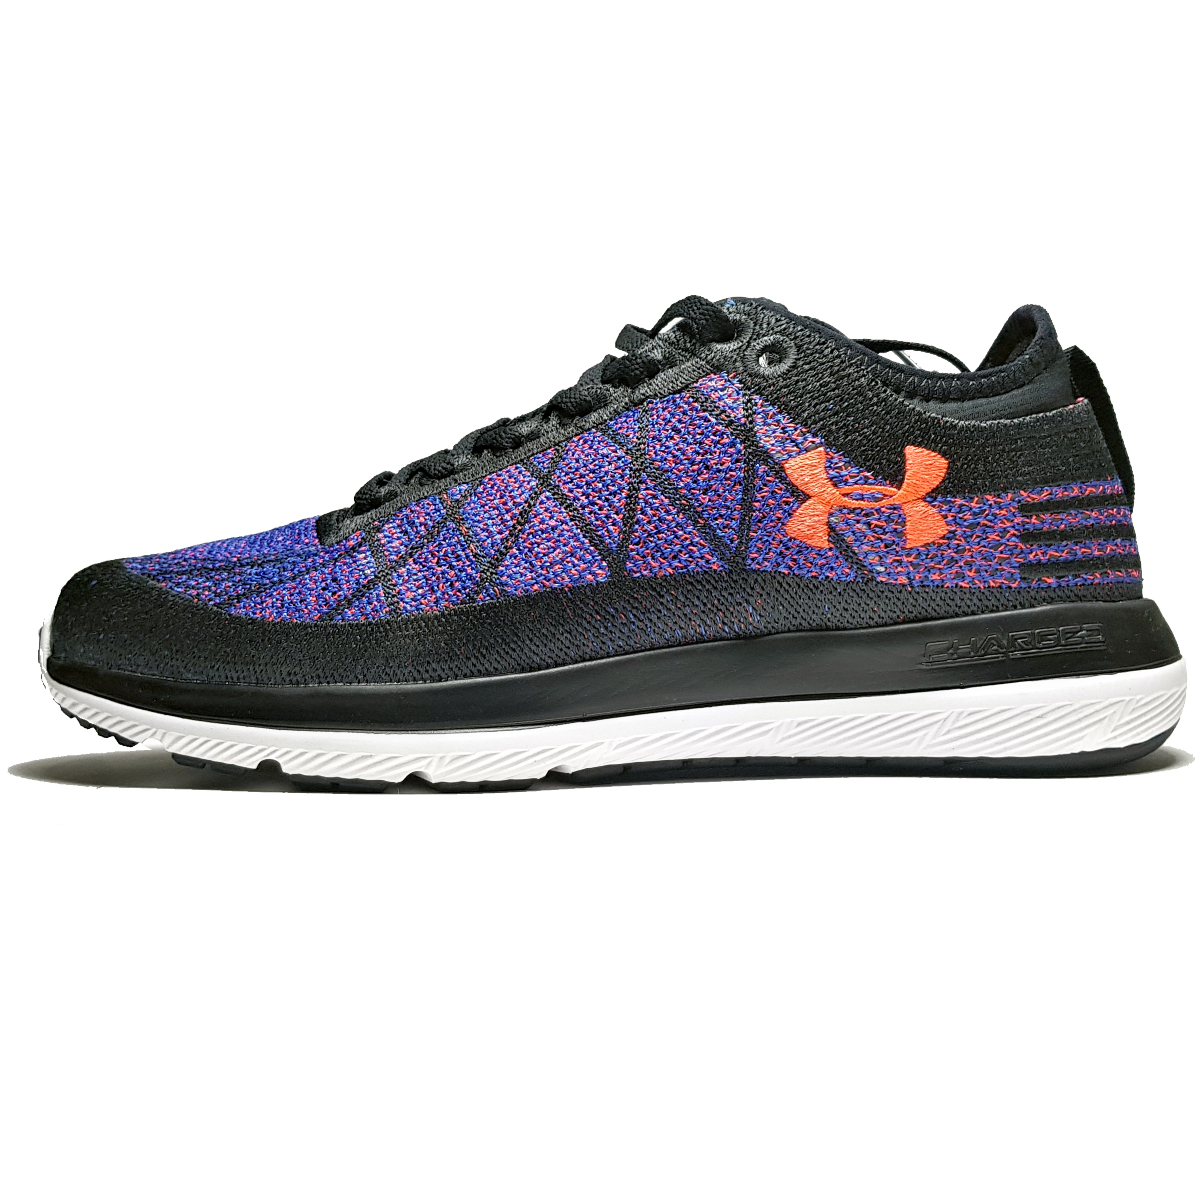 کفش مخصوص پیاده روی و ورزش آندرآرمور مدل Threadborne Fortis Blk/LPB/BLK